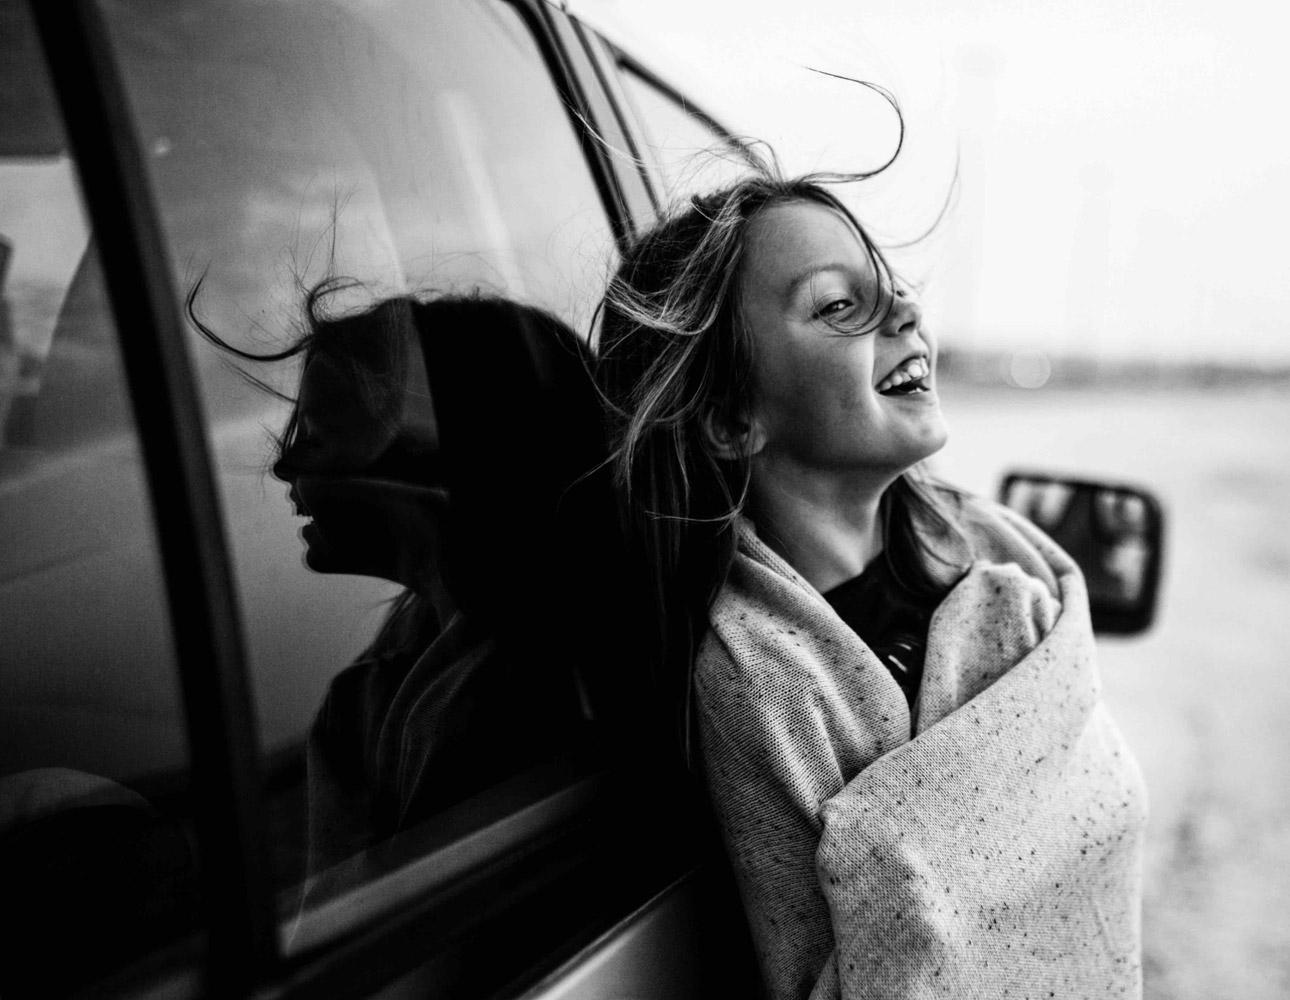 Поездка, © Ольга Федорова, Россия, 2-е место, Конкурс детской фотографии в чёрно-белом